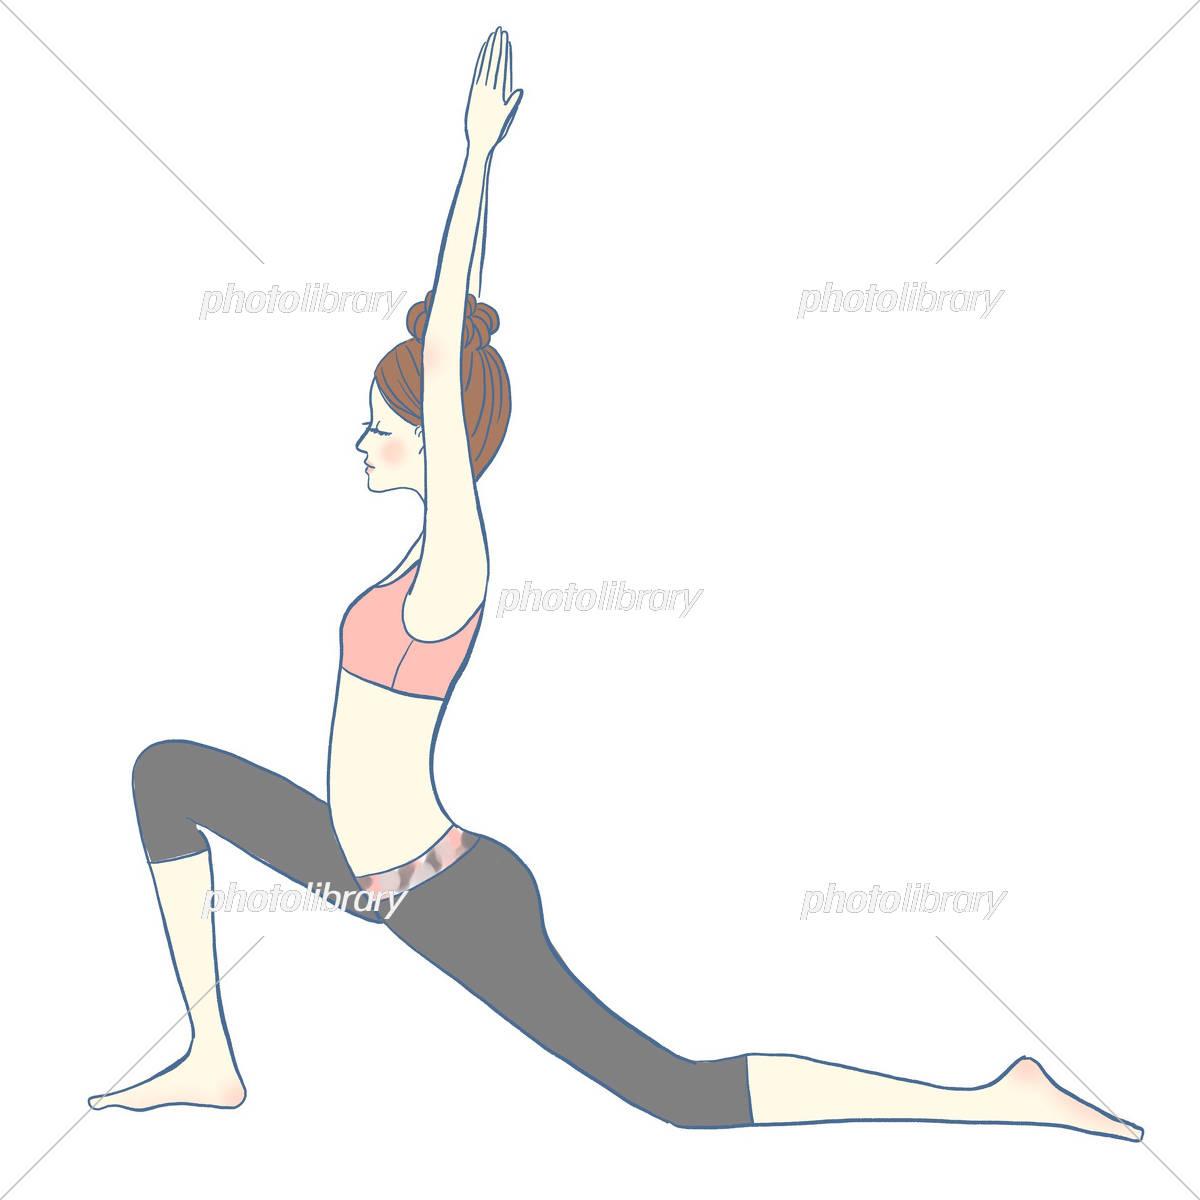 ヨガをする女性 イラスト素材 5310302 フォトライブラリー